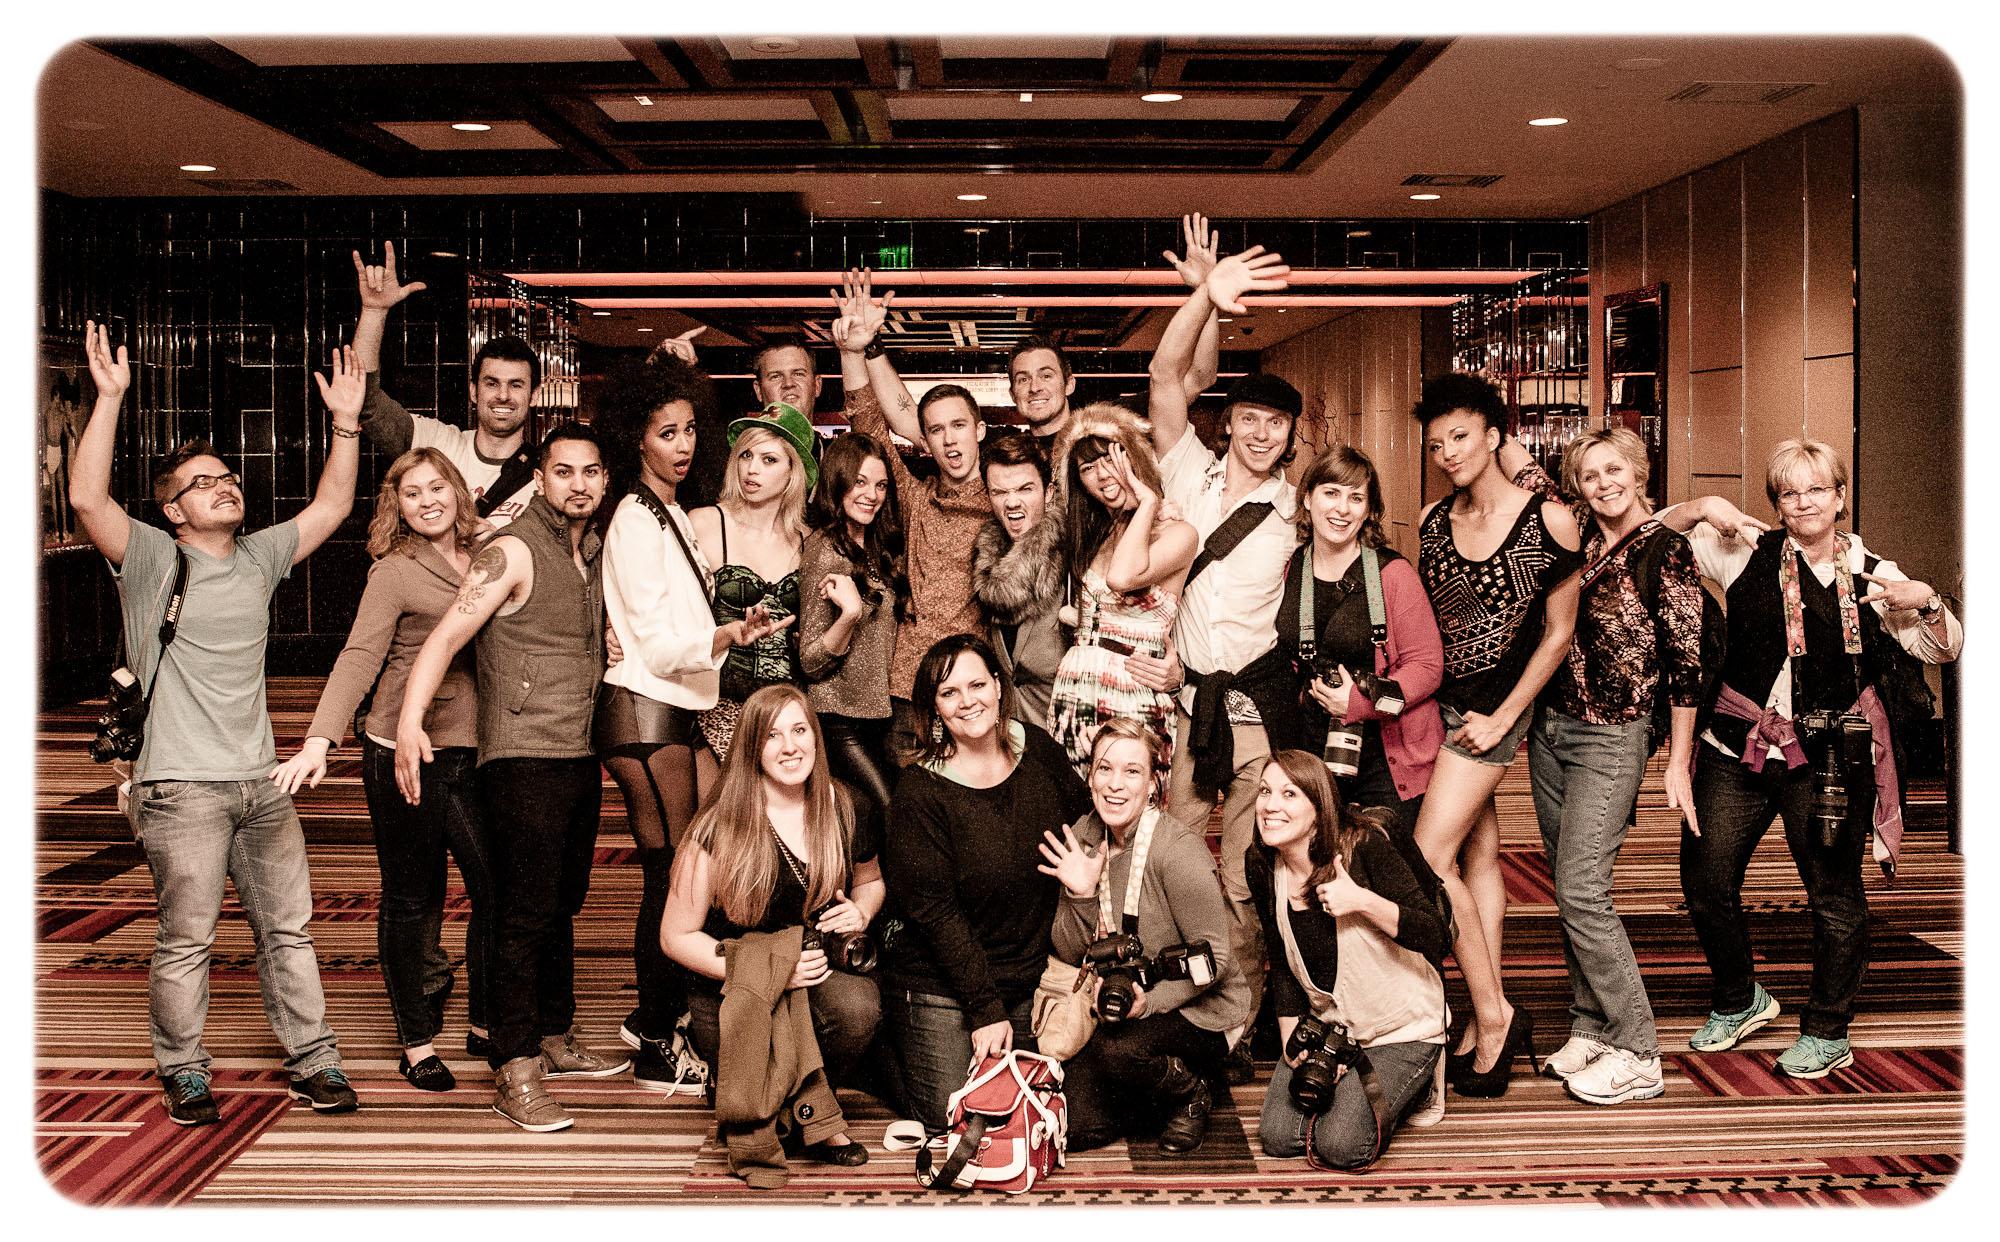 Group shot at the Cosmopolitan!